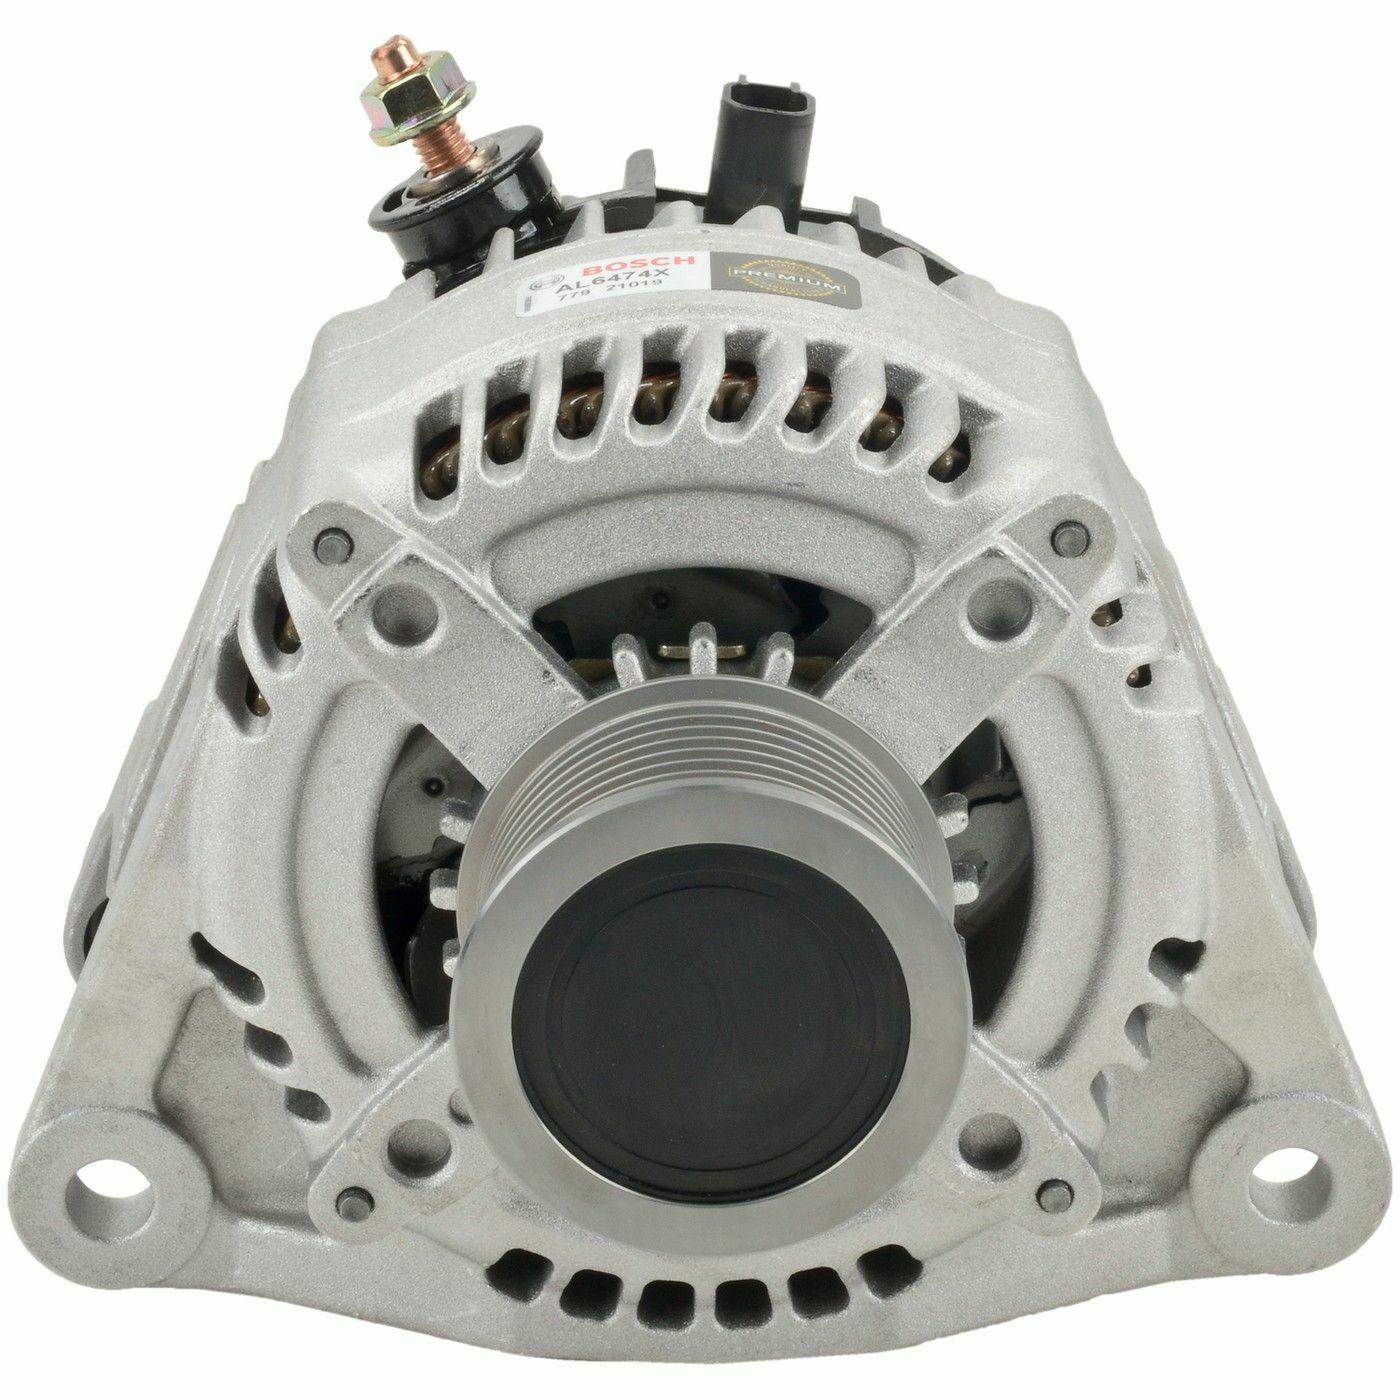 Bosch Reman Alternator for 07.5-13 6.7L Cummins 24V